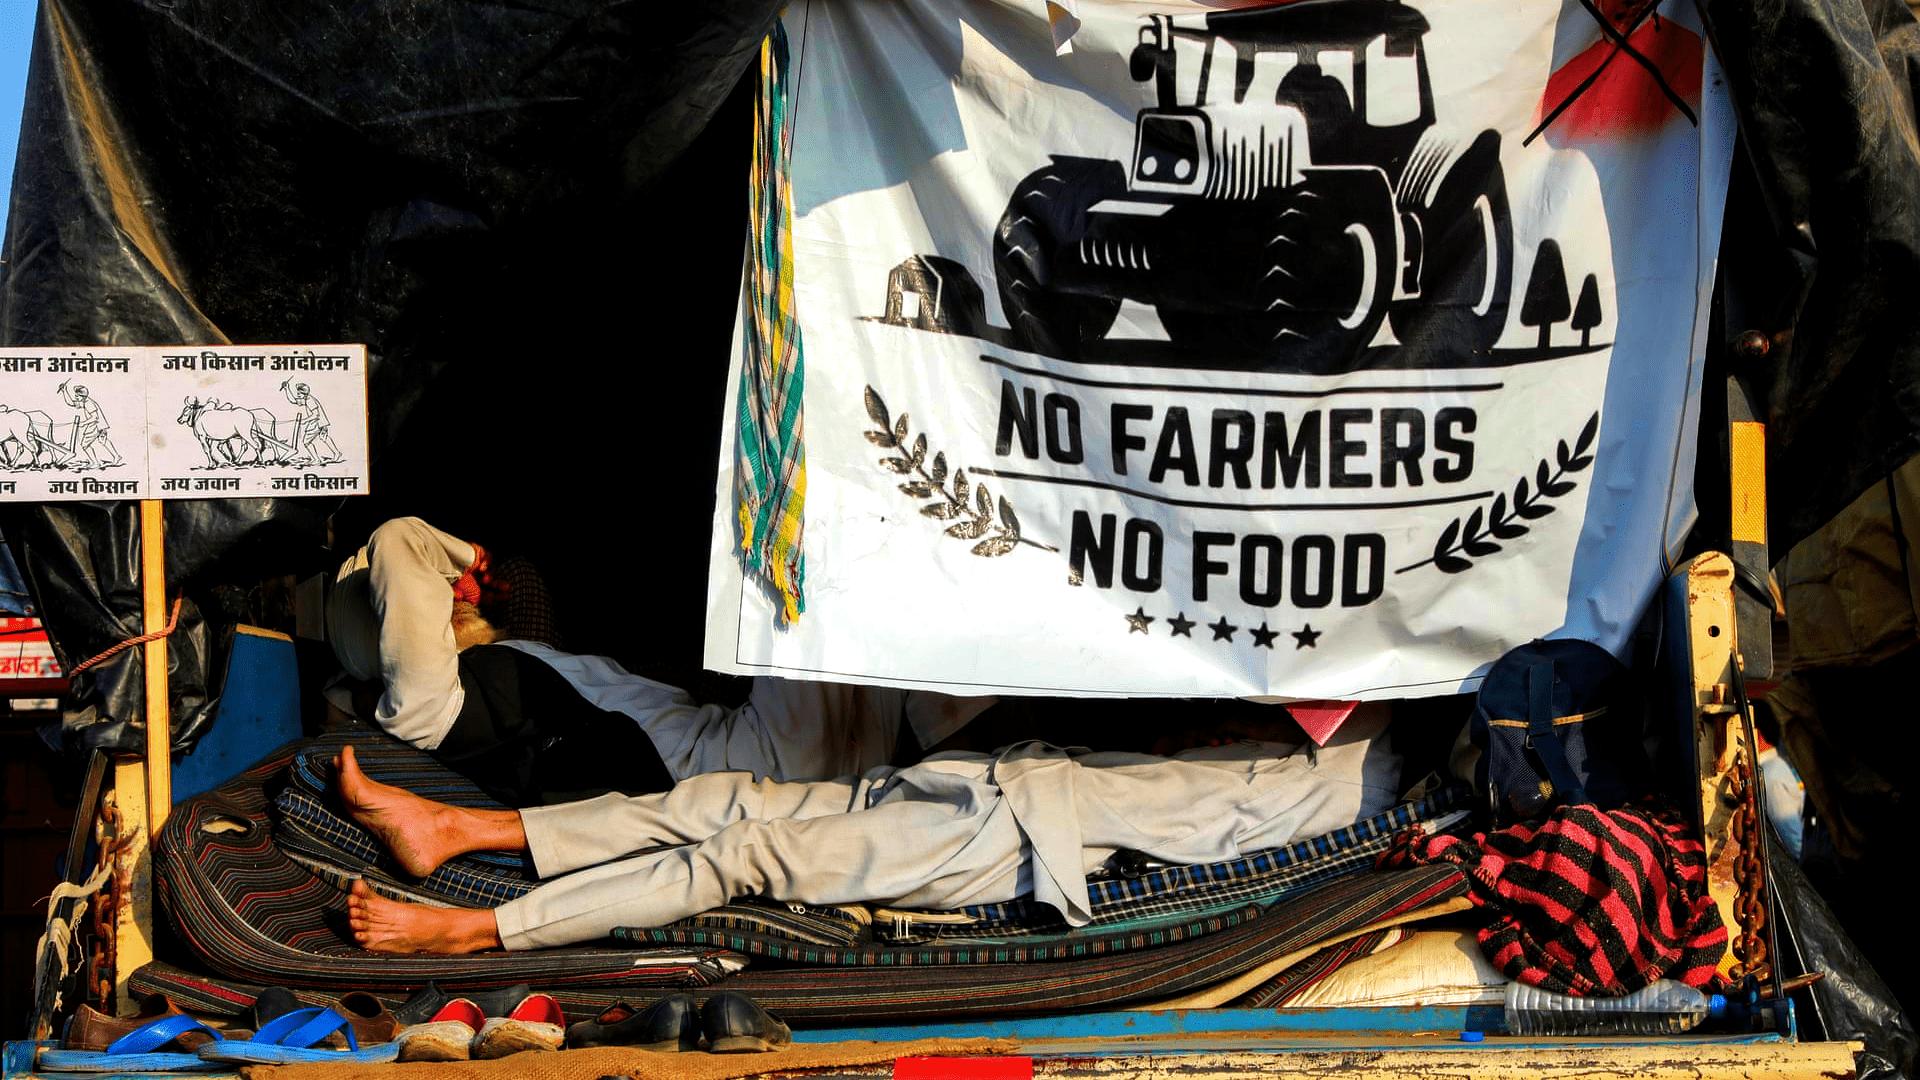 1920x1080 Nông dân Ấn Độ áp đảo Thủ đô trong các cuộc biểu tình phá kỷ lục Trang web được yêu thích